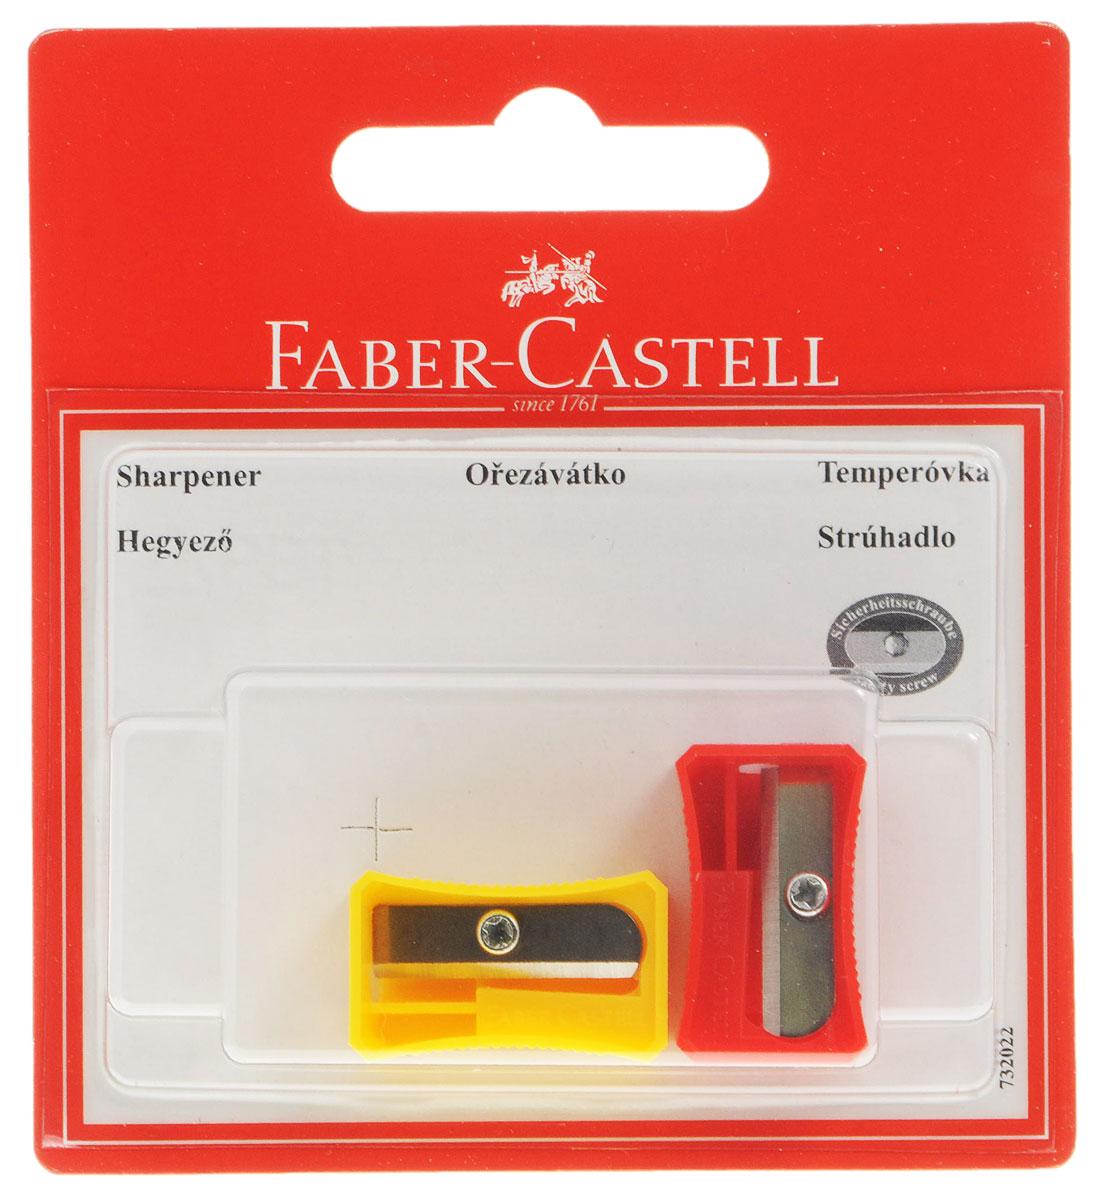 Точилка Faber-Castell предназначена для затачивания классических простых и цветных карандашей.В наборе две точилки из прочного пластика красного и желтого цветов с рифленой областью захвата. Острые лезвия обеспечивают высококачественную и точную заточку деревянных карандашей.